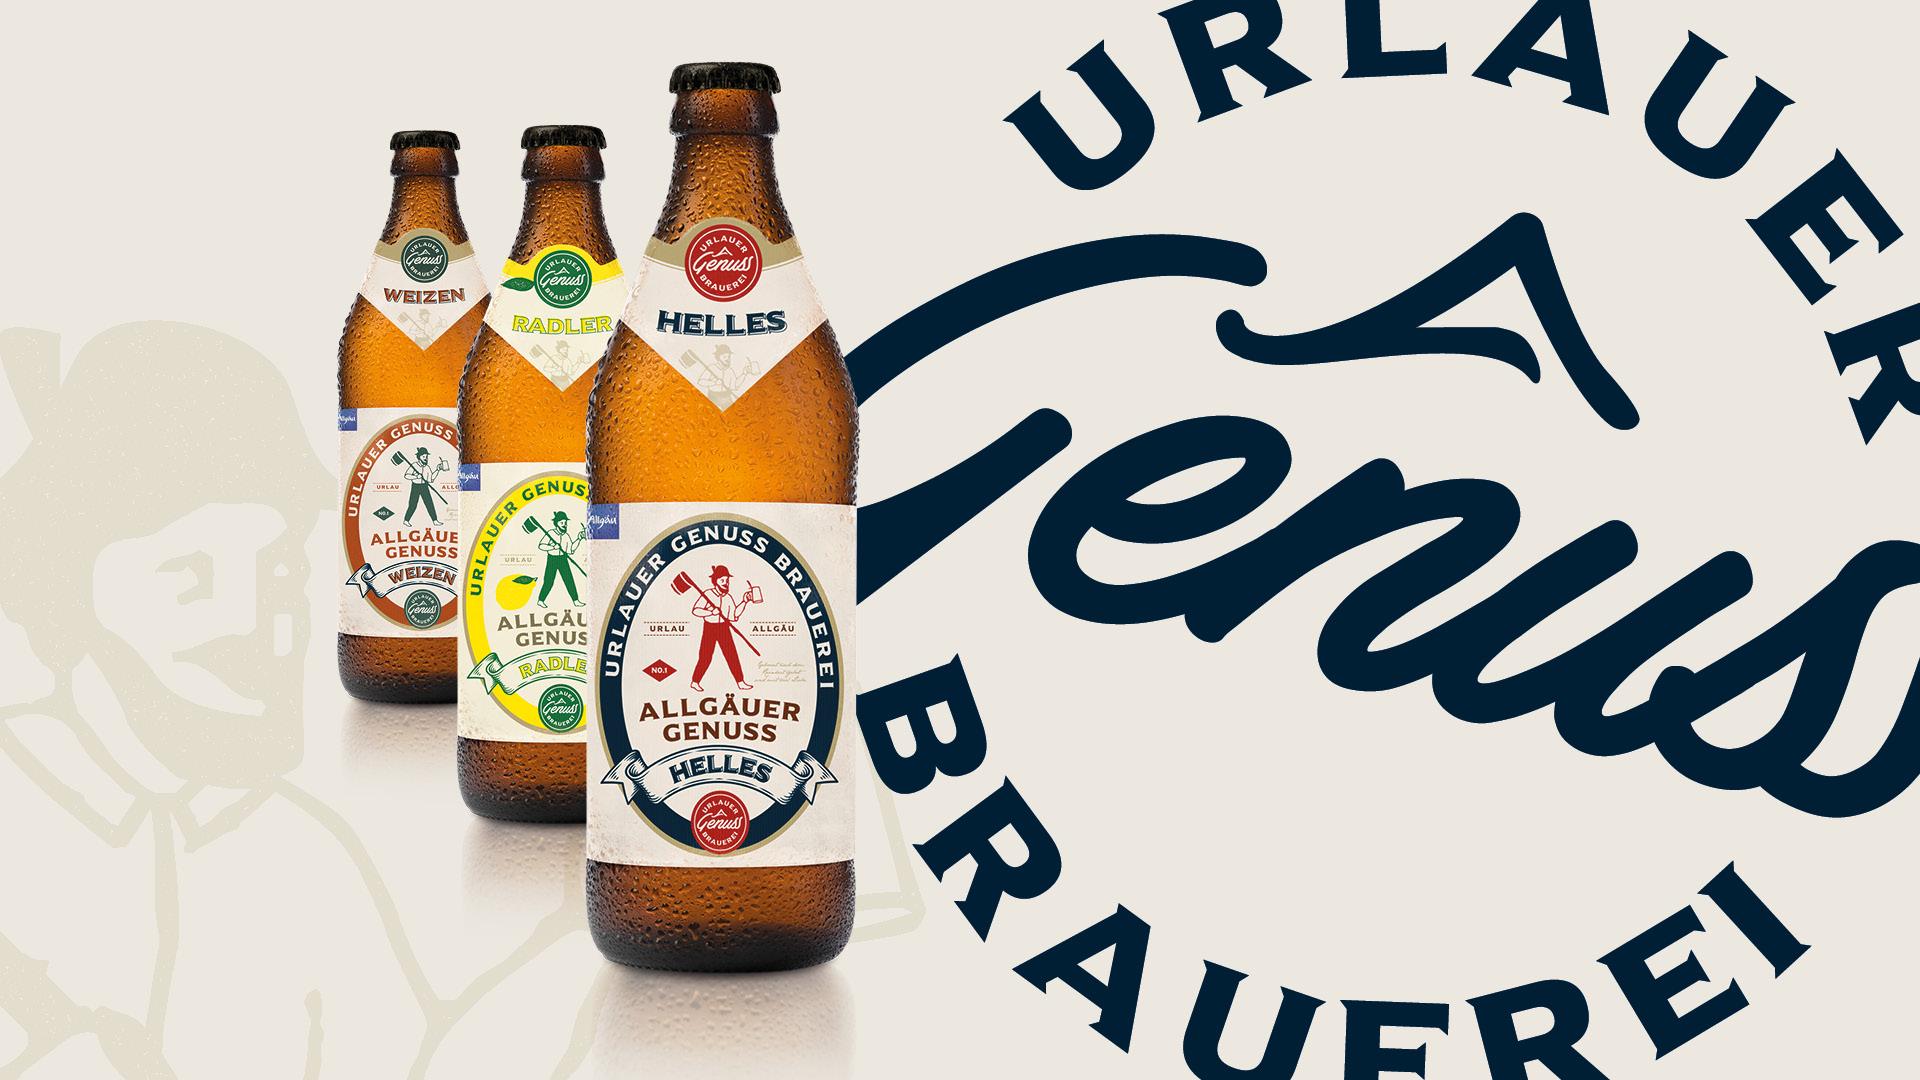 Pitch: Urlauer Genuss Brauerei